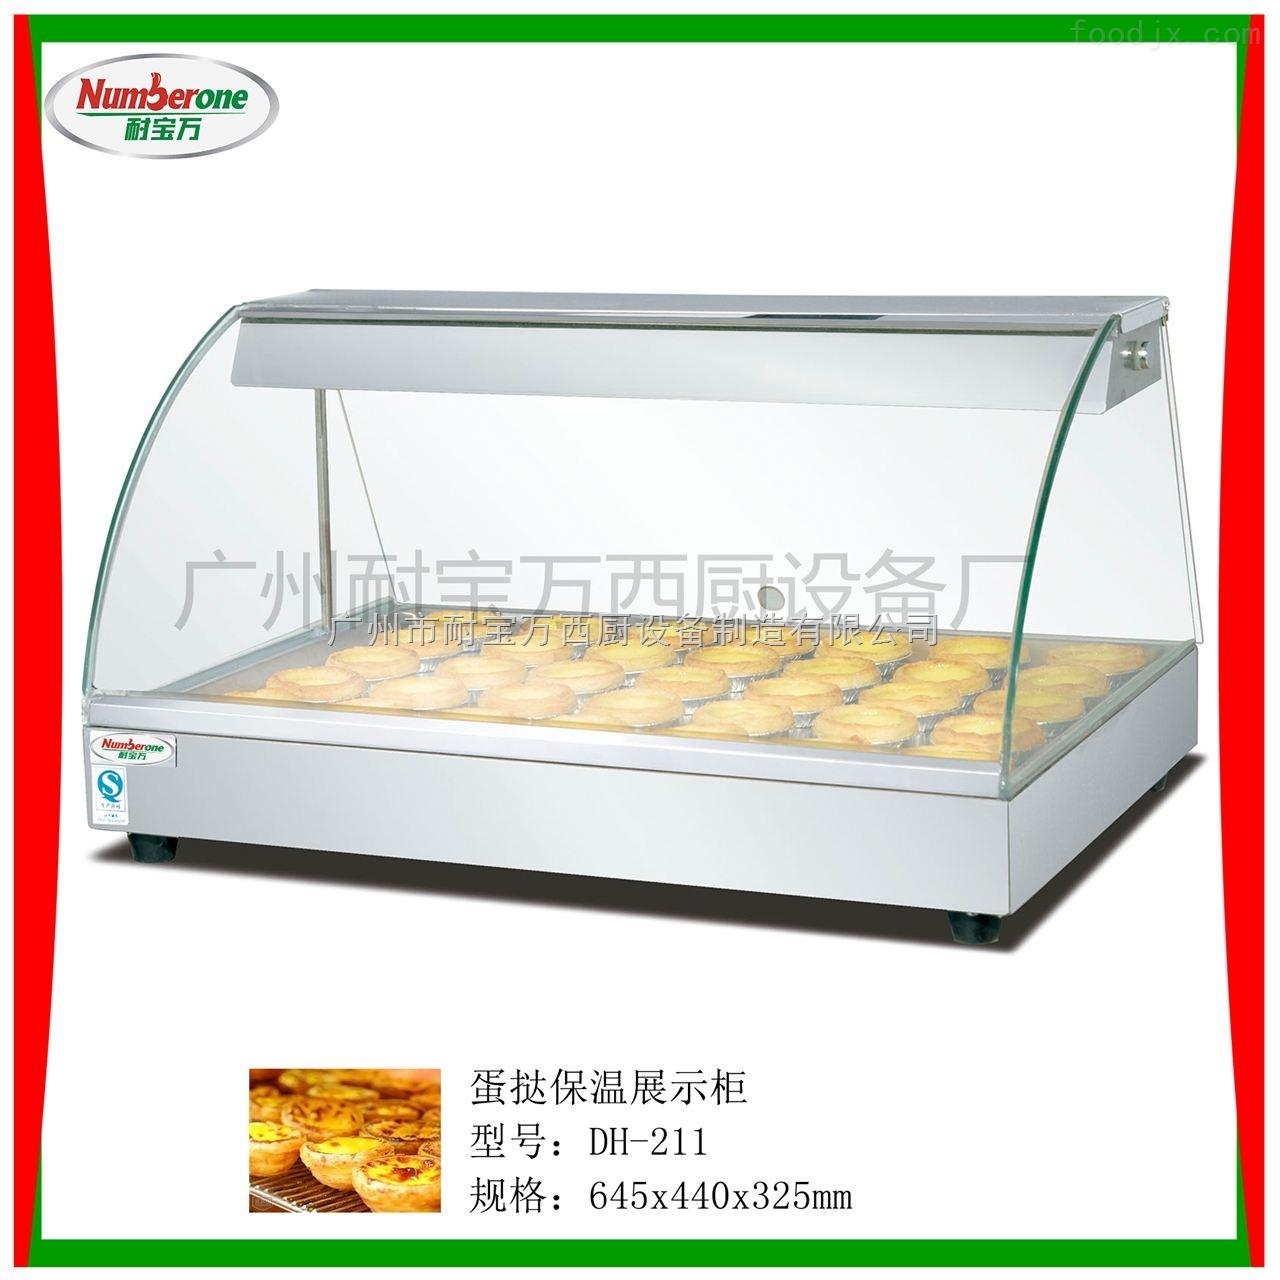 蛋塔保温展示柜/陈列保温柜/西式快餐设备